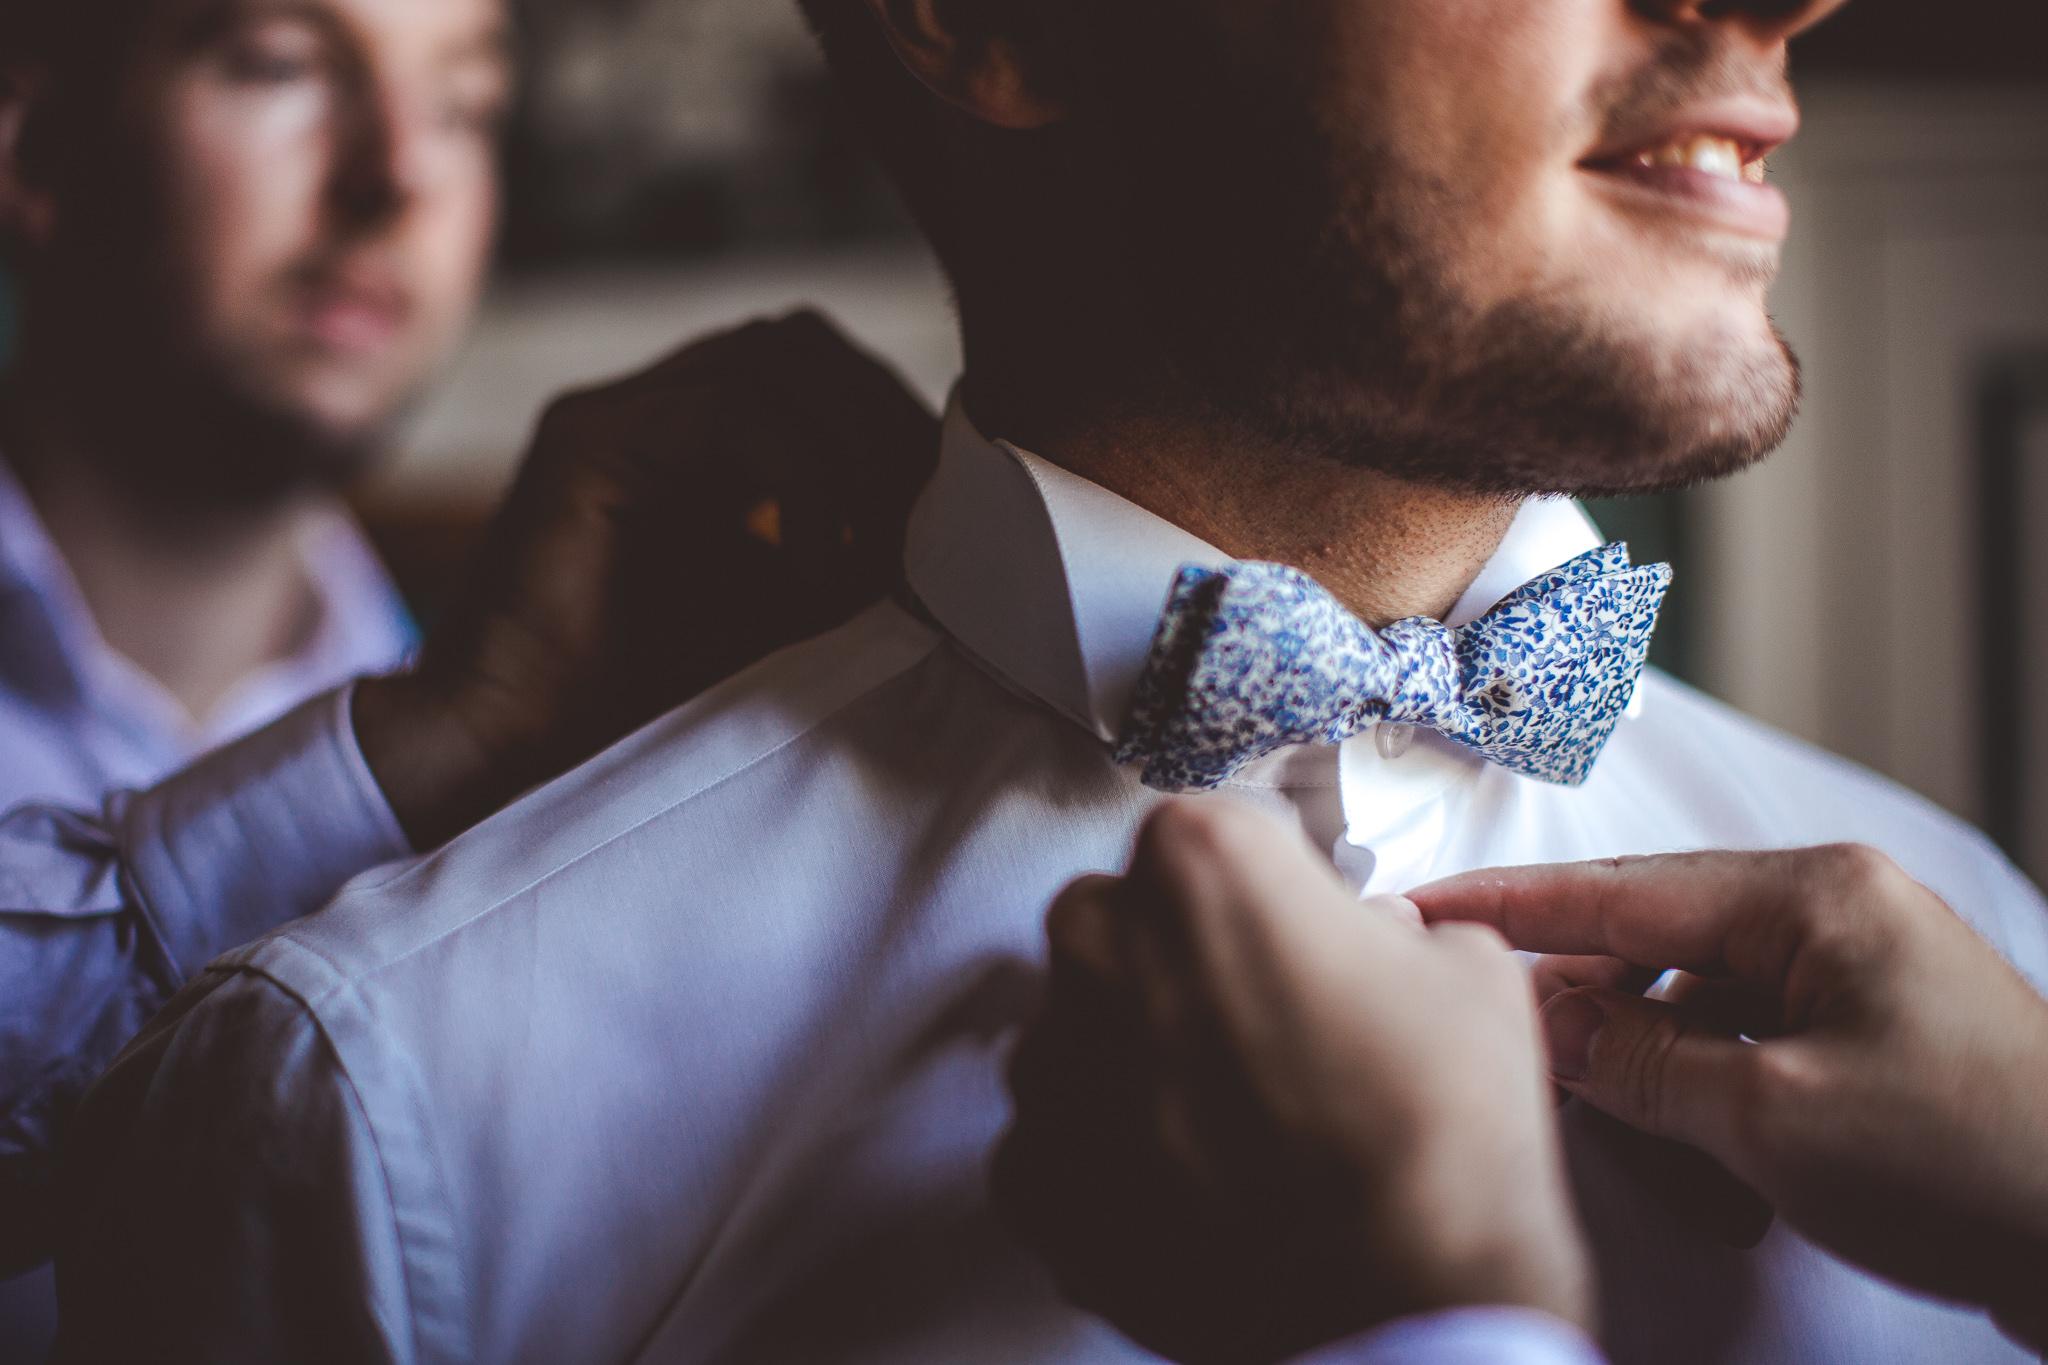 reportage mariage photo habillage preparatifs le mariee temoins details noeud papillon liberty domaine ronac toulouse